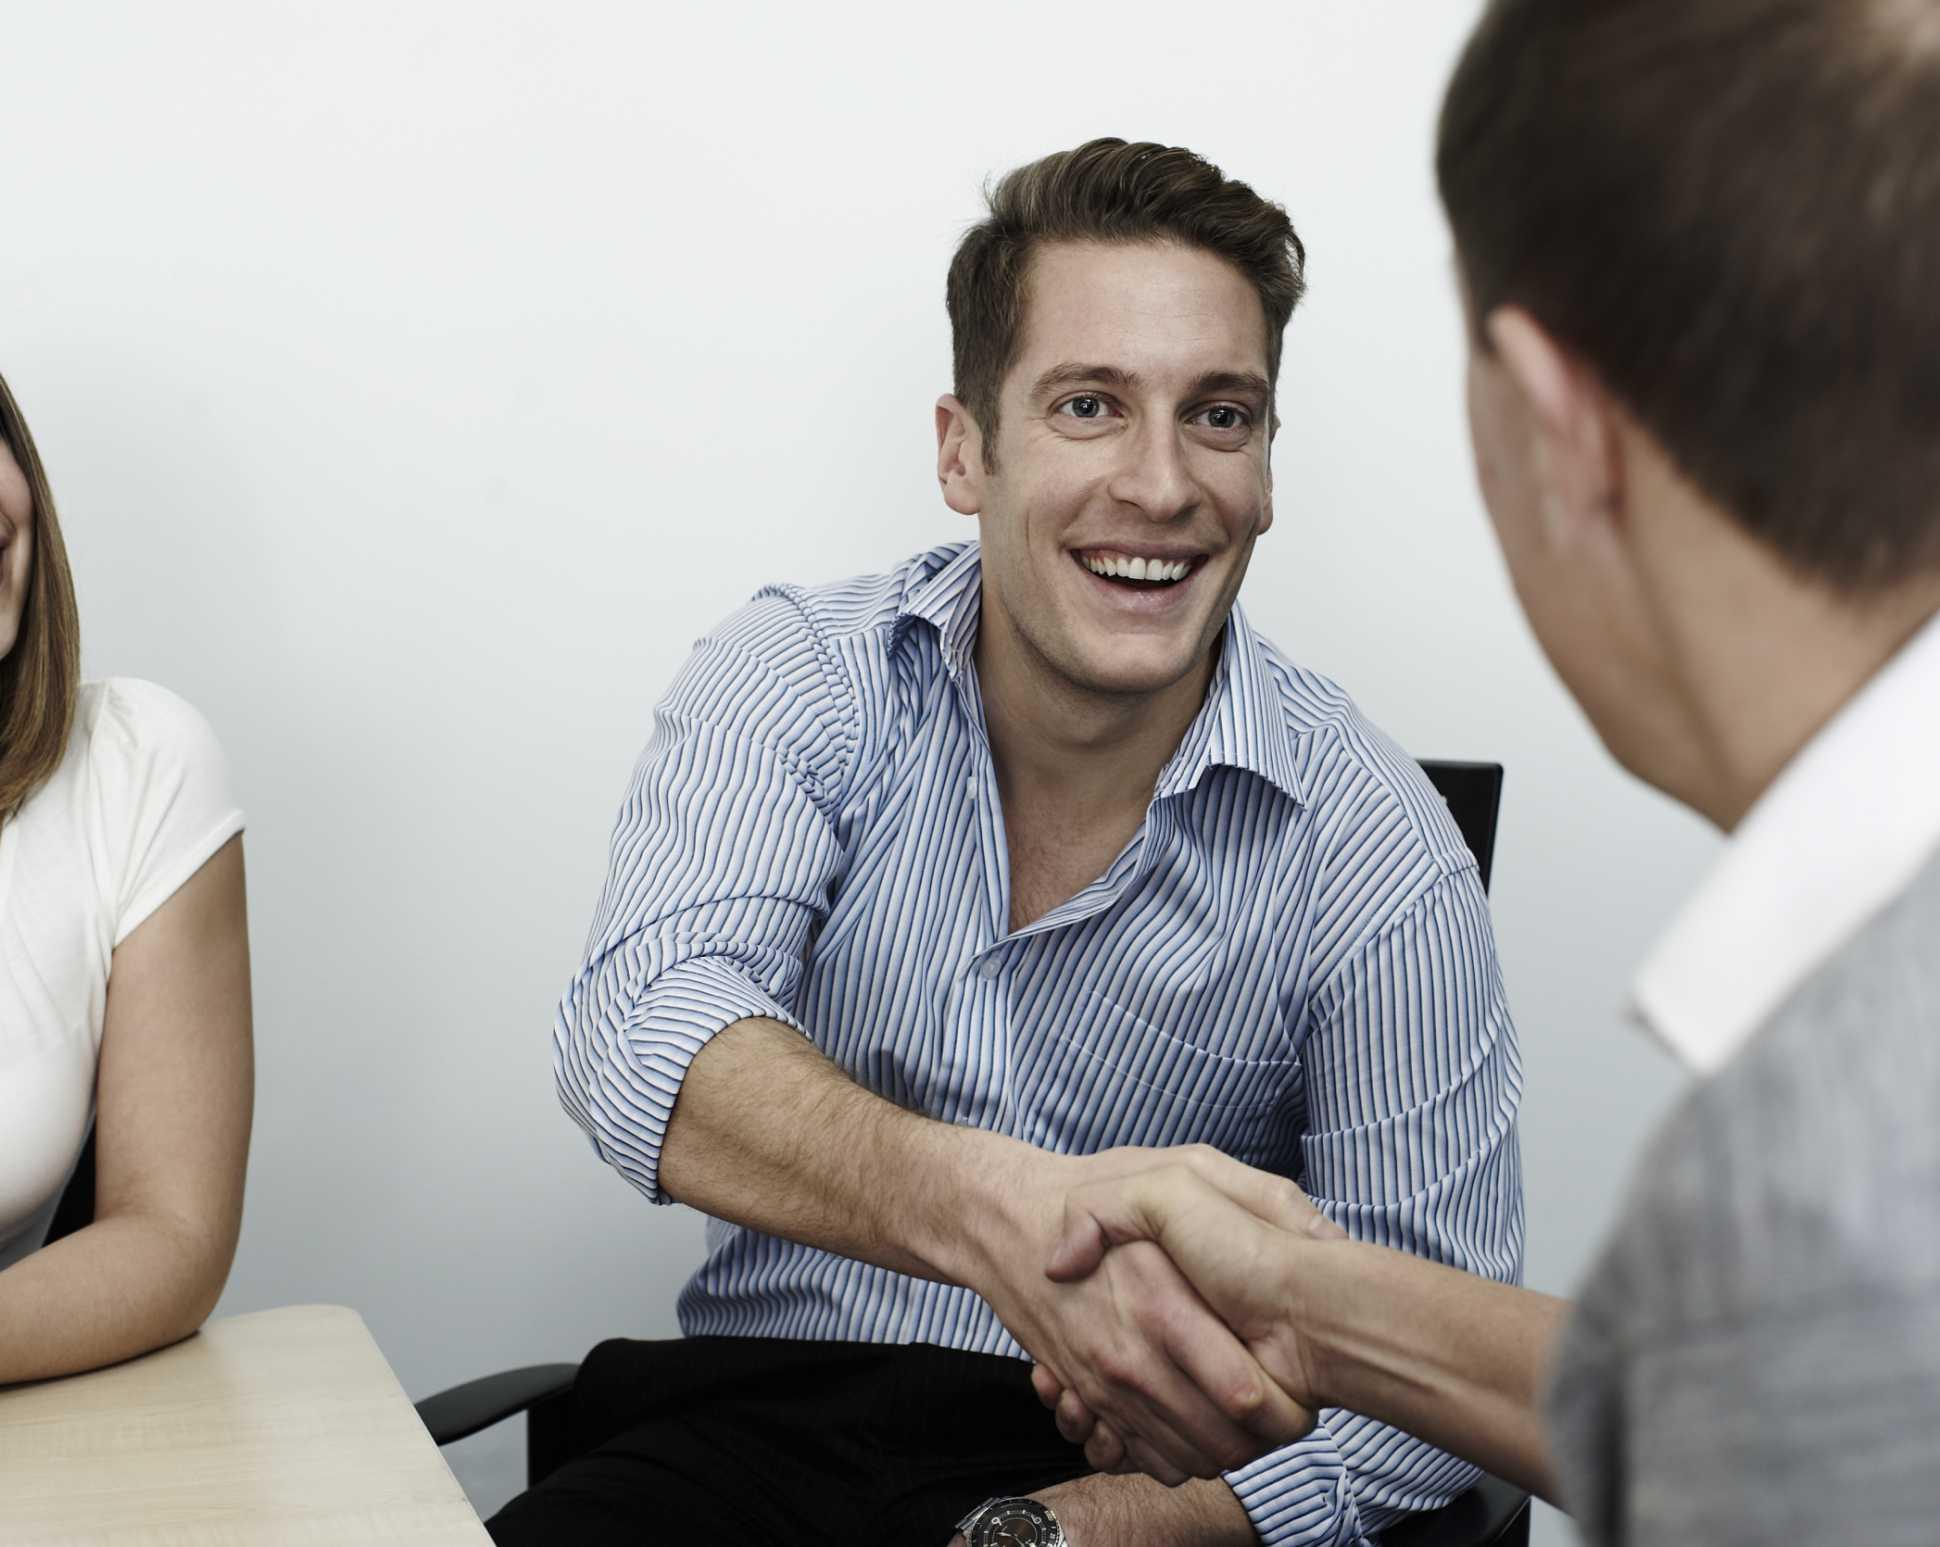 Hombre sonriendo mientras se da la mano